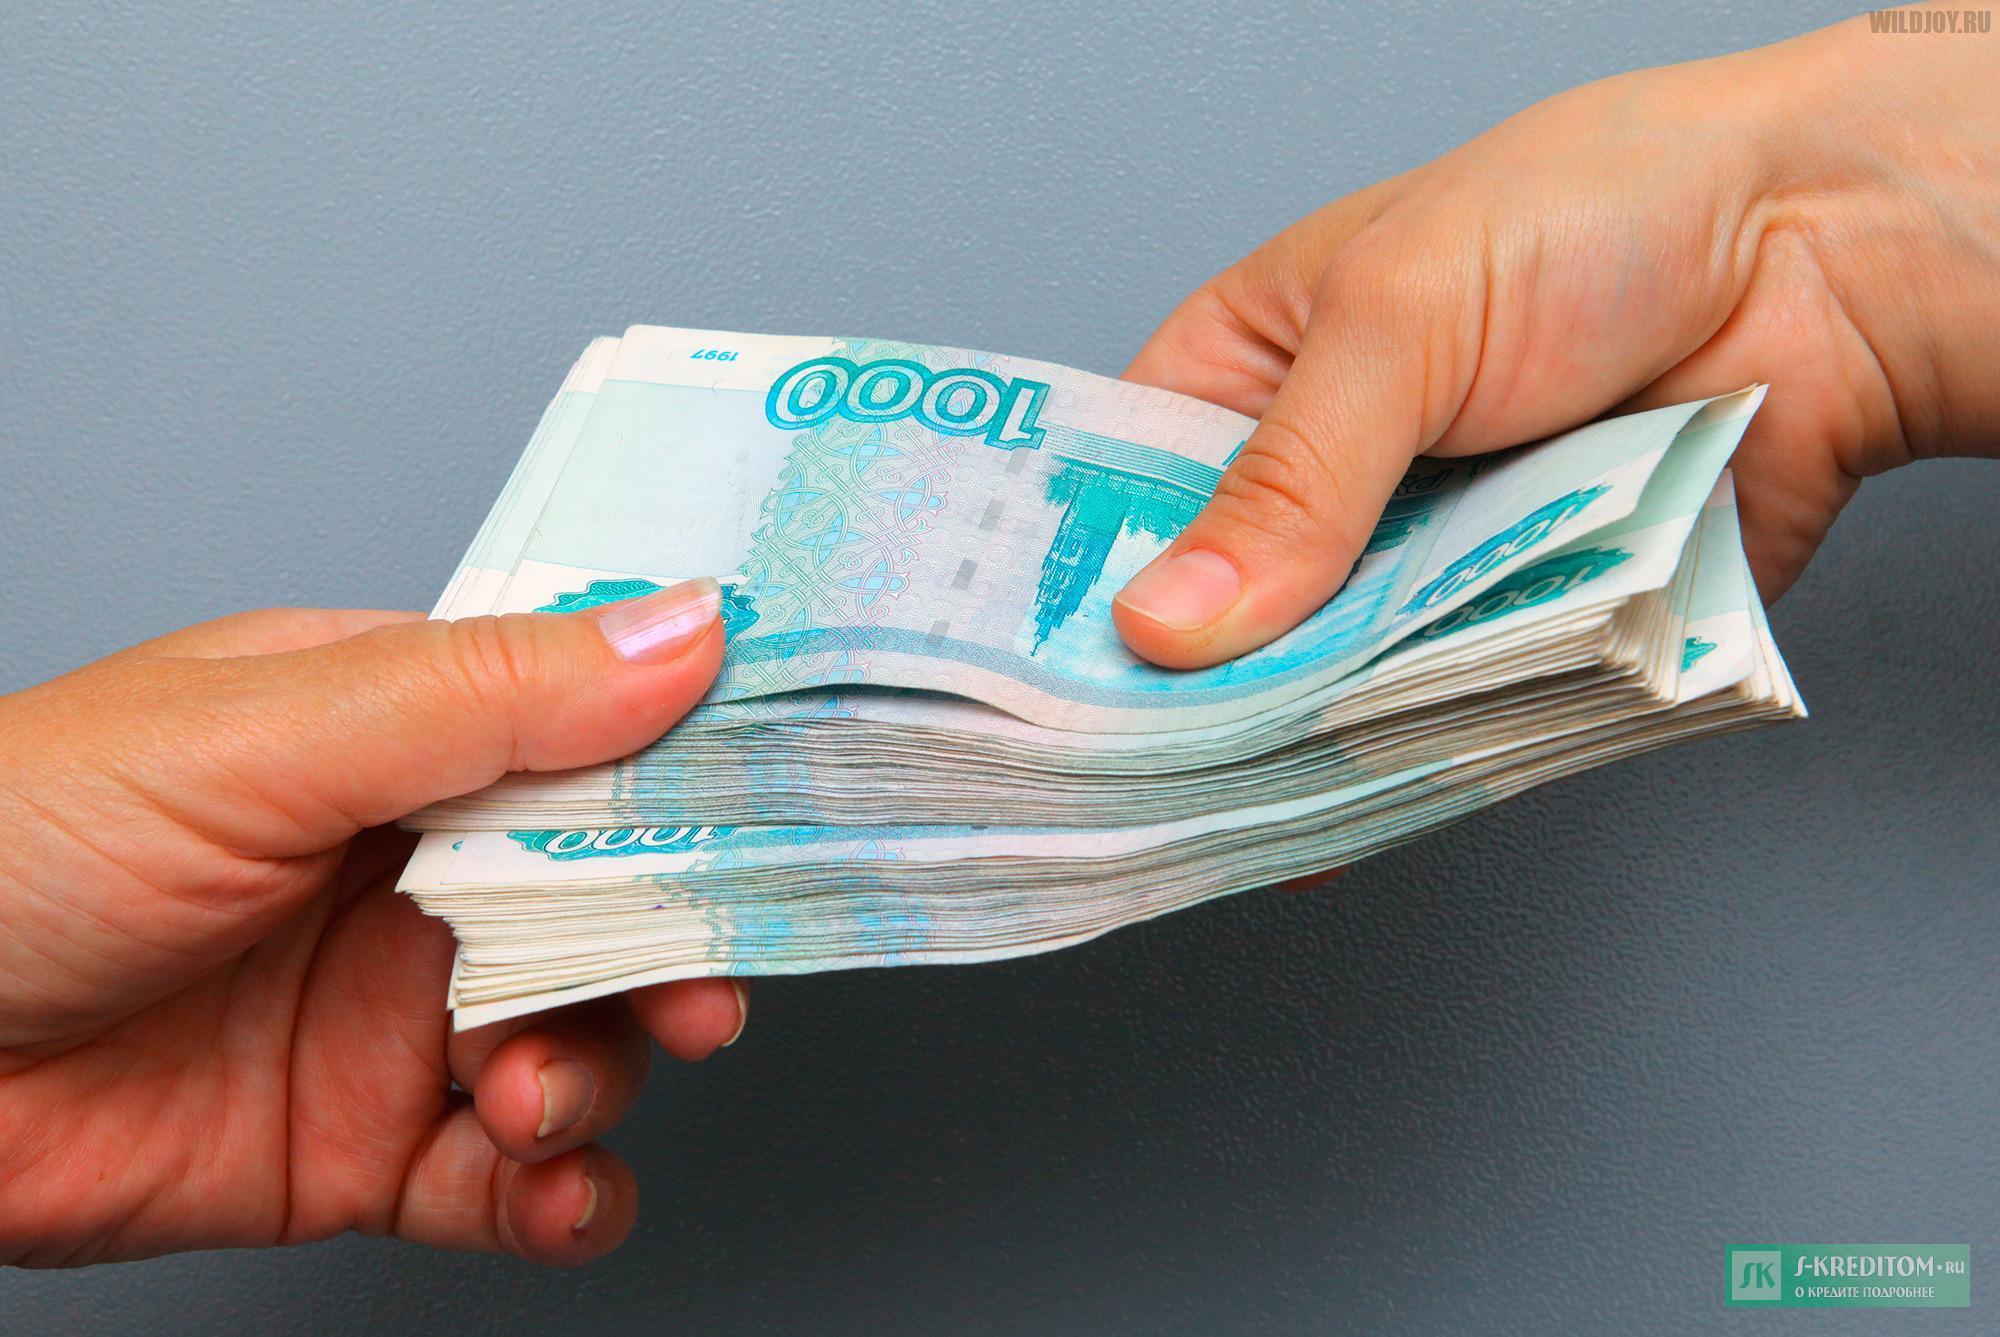 ВТБ: выдачи кредитов наличными превысили 1 трлн рублей  - новости Афанасий